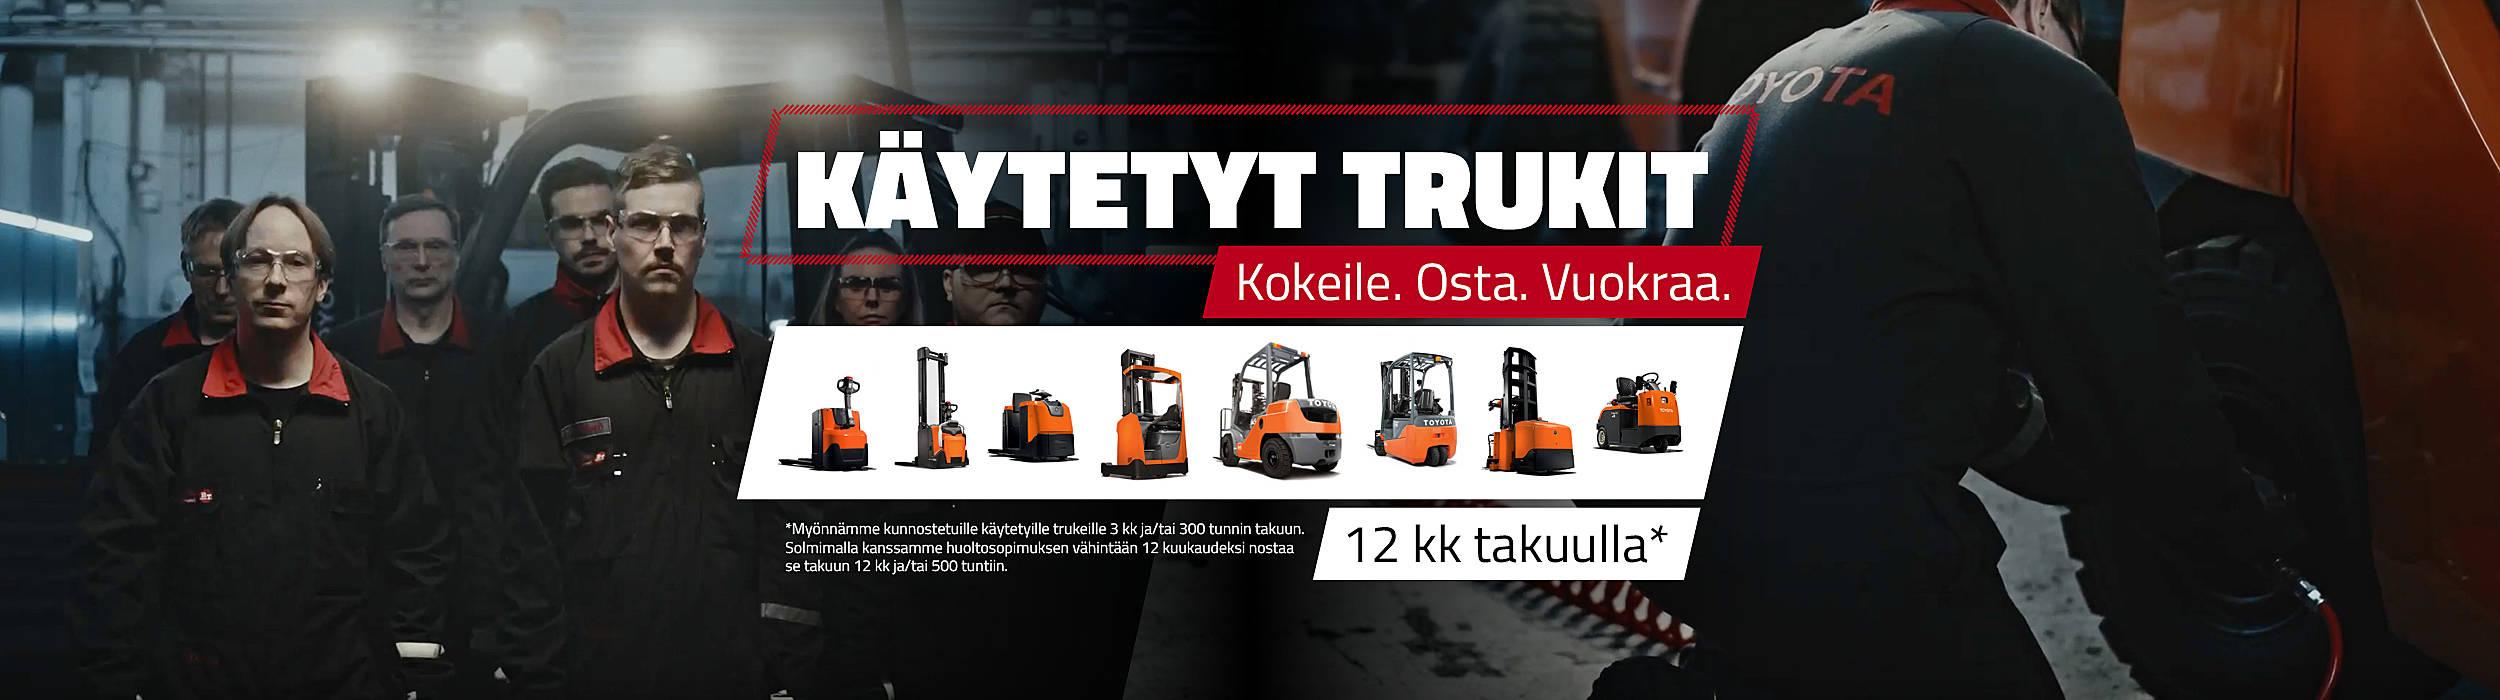 Käytetyt trukit suomessa